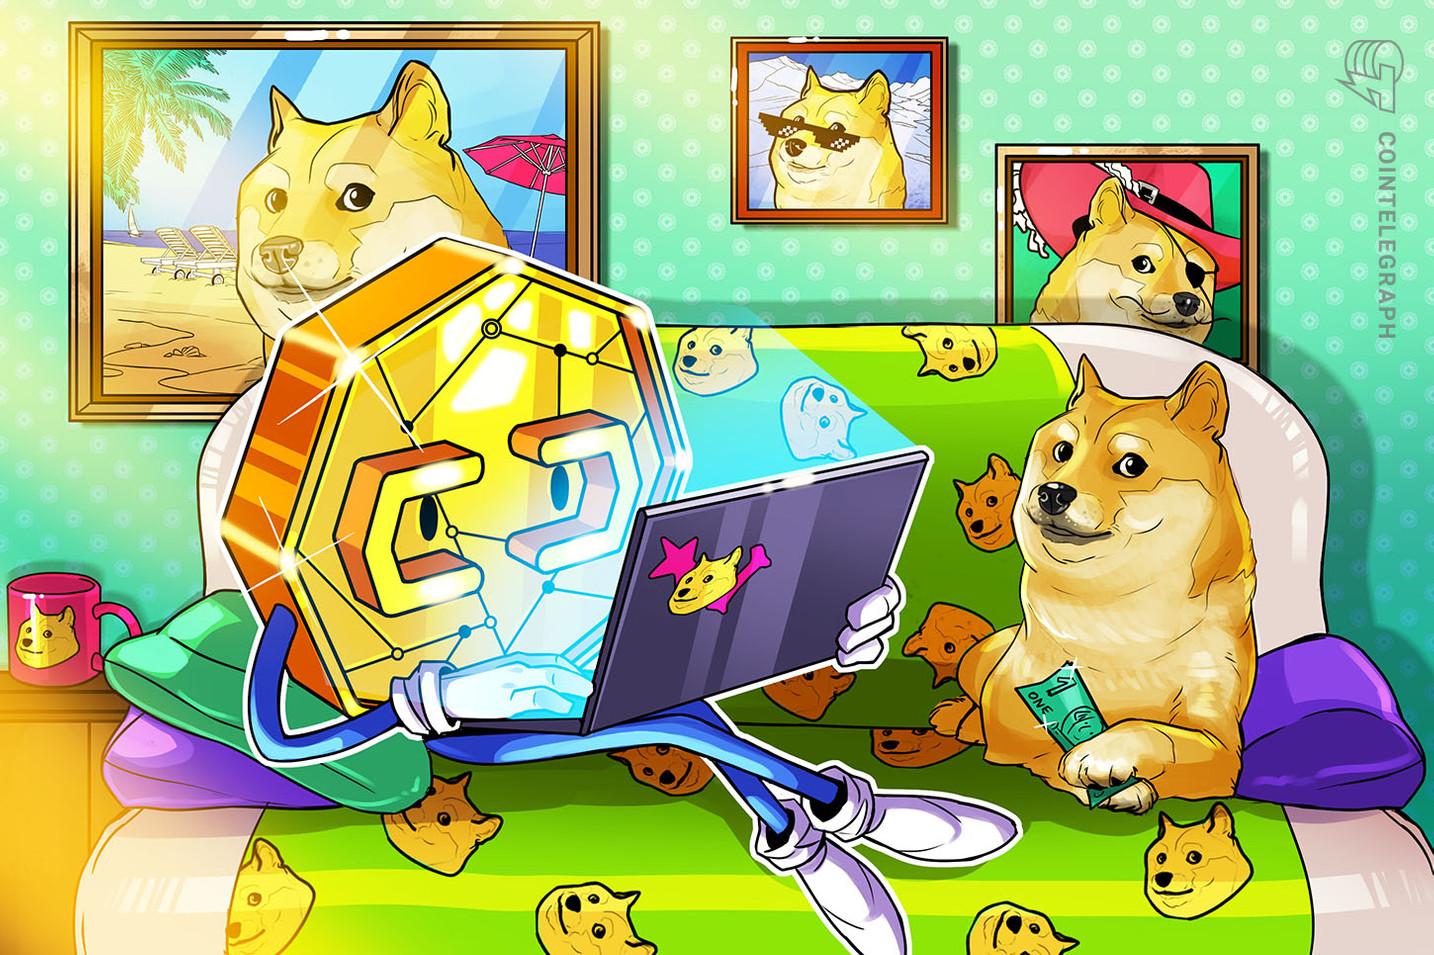 Un NFT de la foto que inspiró Dogecoin acaba de venderse por 4 millones de dólares